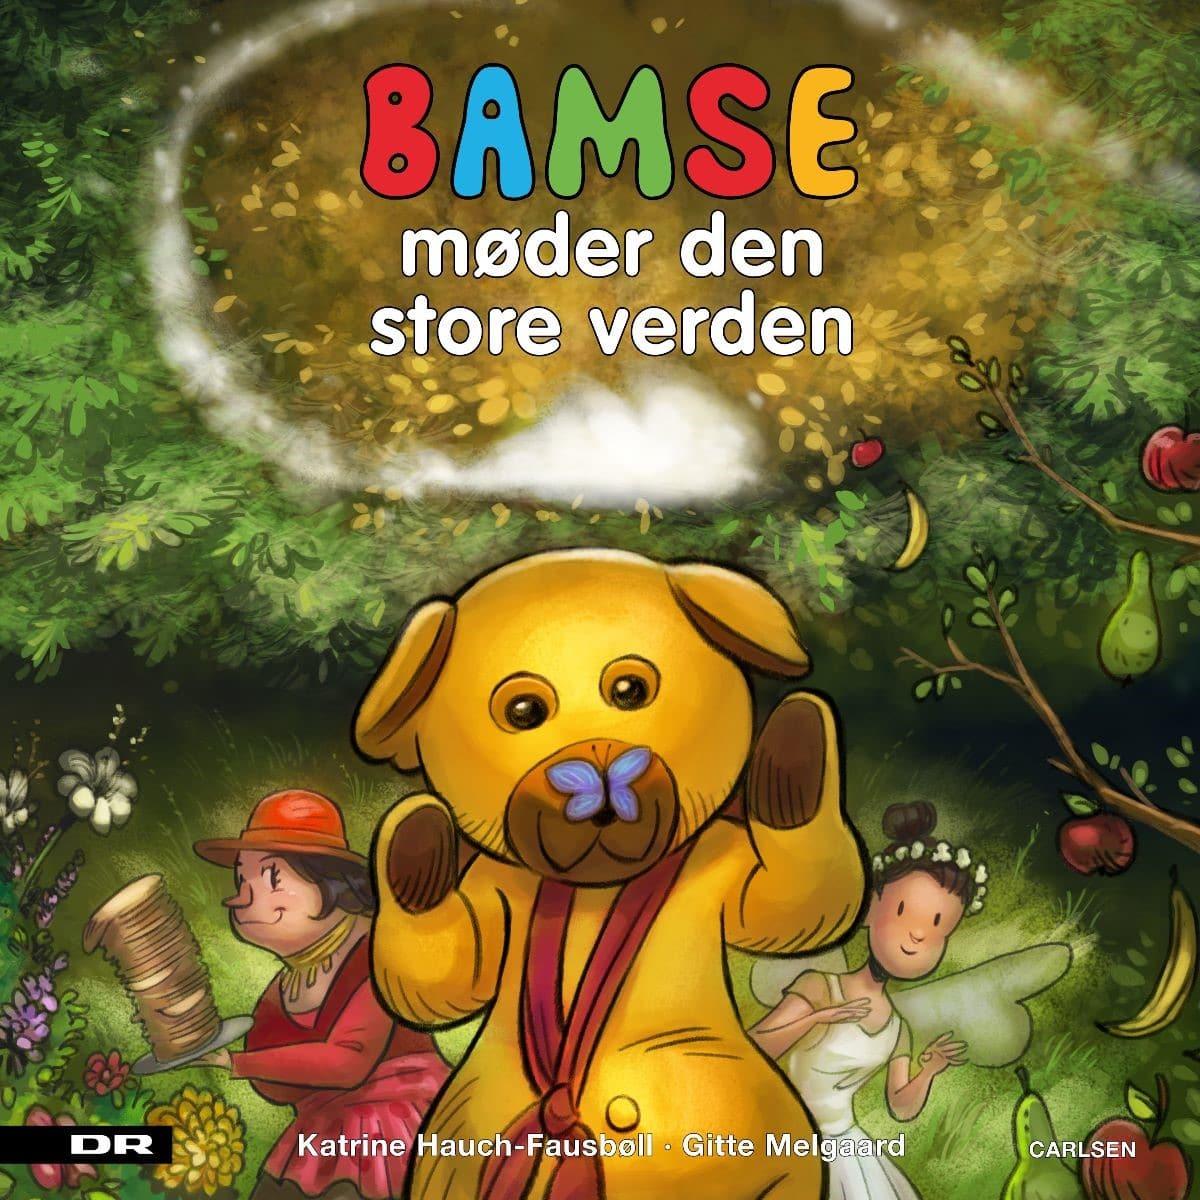 Bamse, Bamse møder den store verden, bamse og kylling, bamse bog, børnebog, billedbog, billedbøger, børnebøger, skønne børnebøger